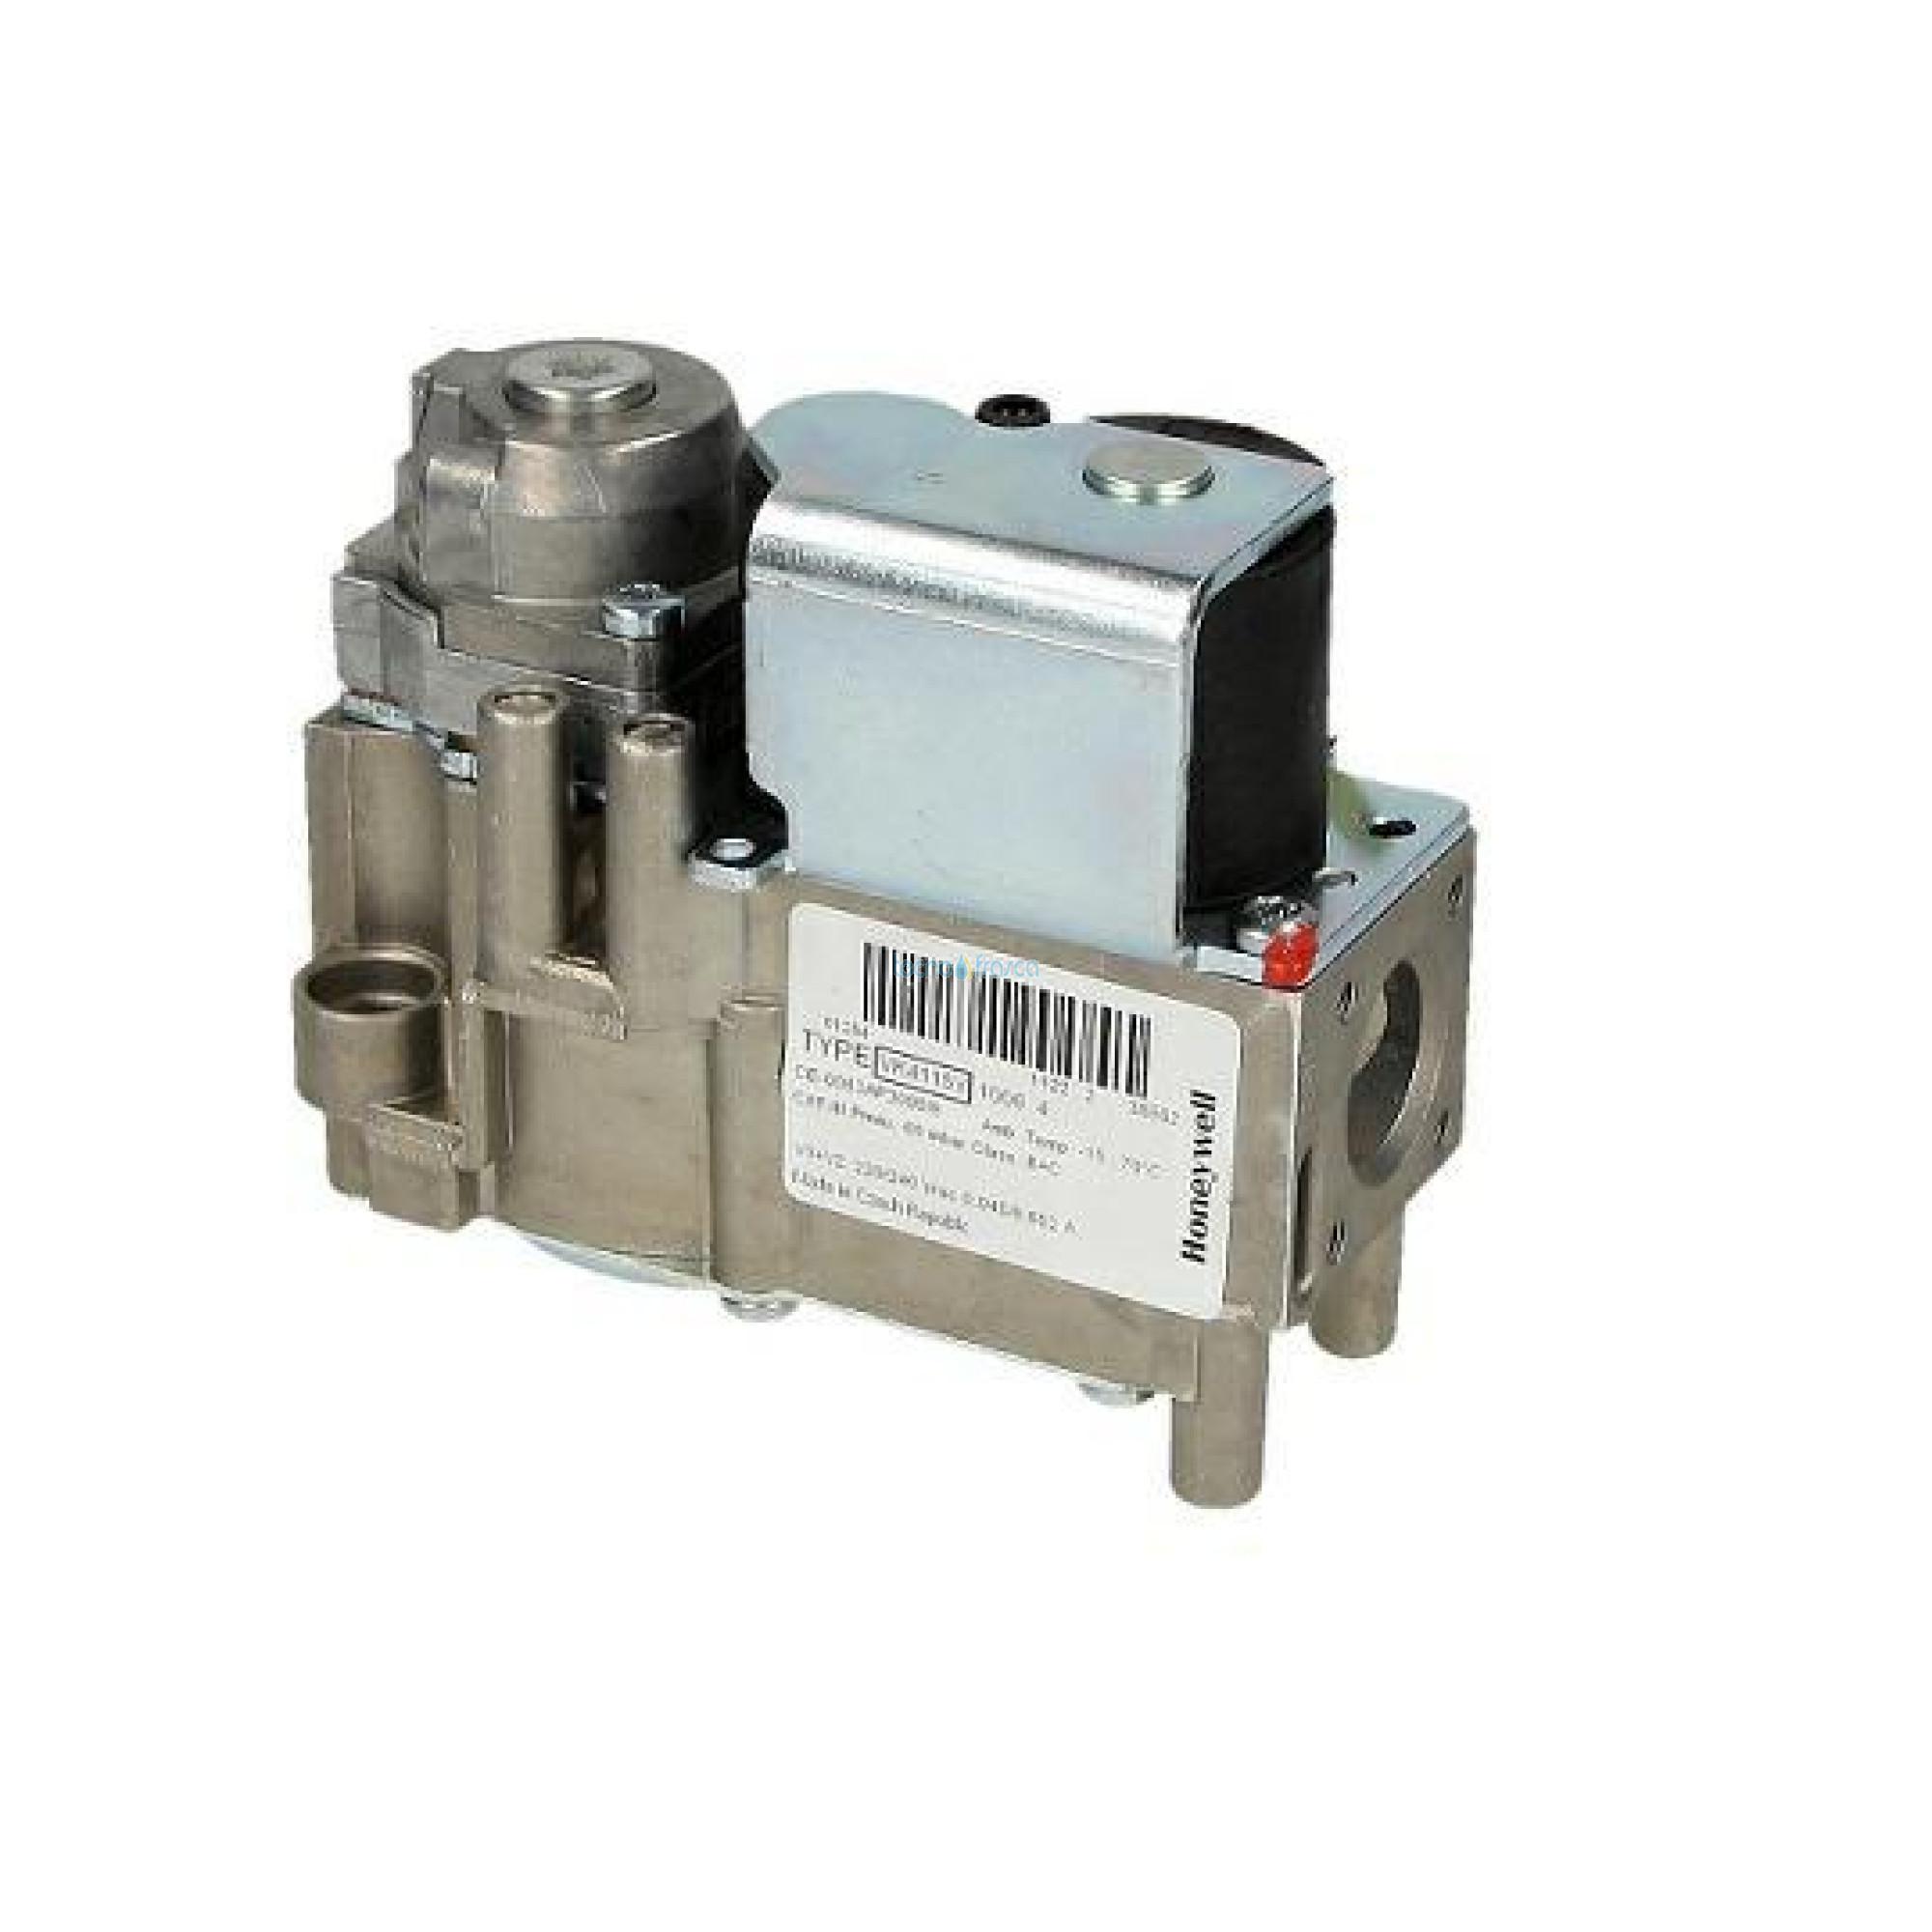 Immergas valvola gas vk4115v1006 1.011846 per victrix